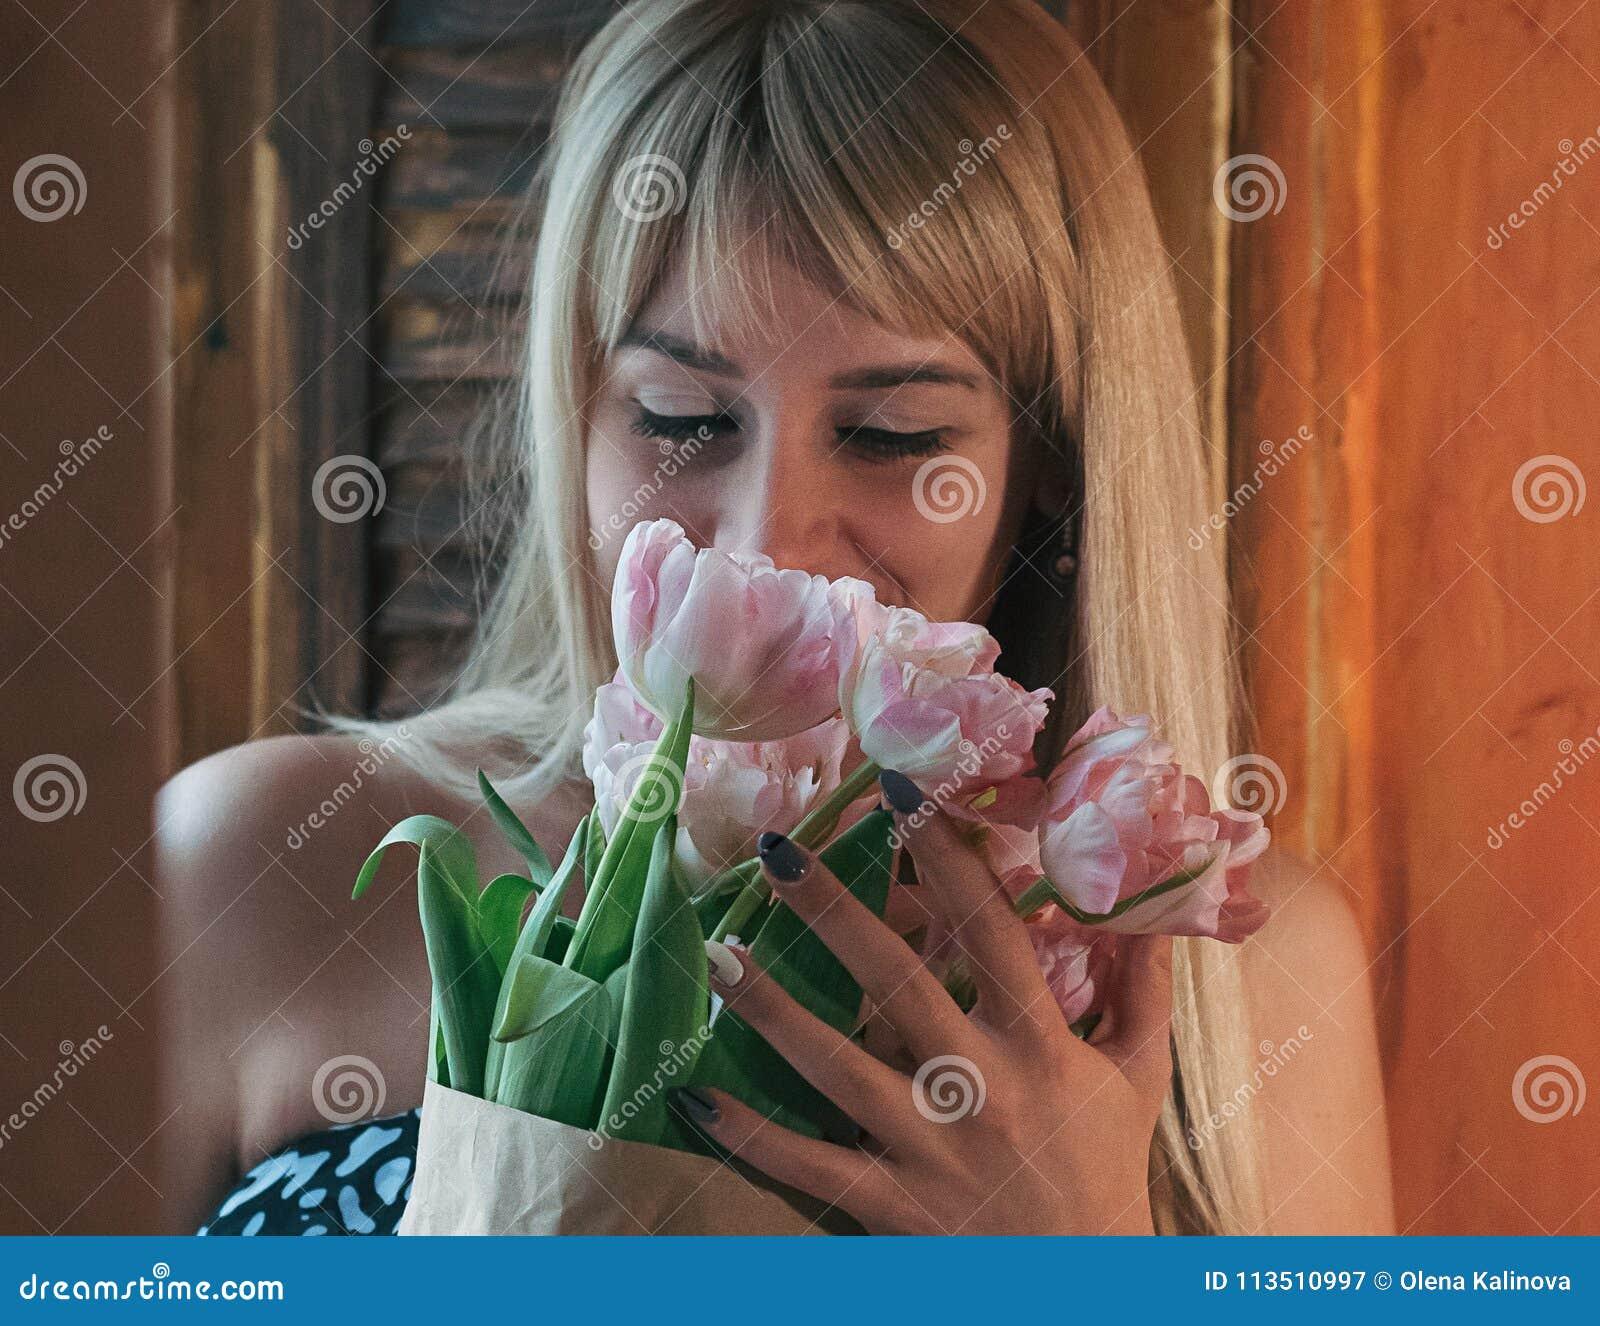 En suddig bild av en ung blond kvinna med blommor